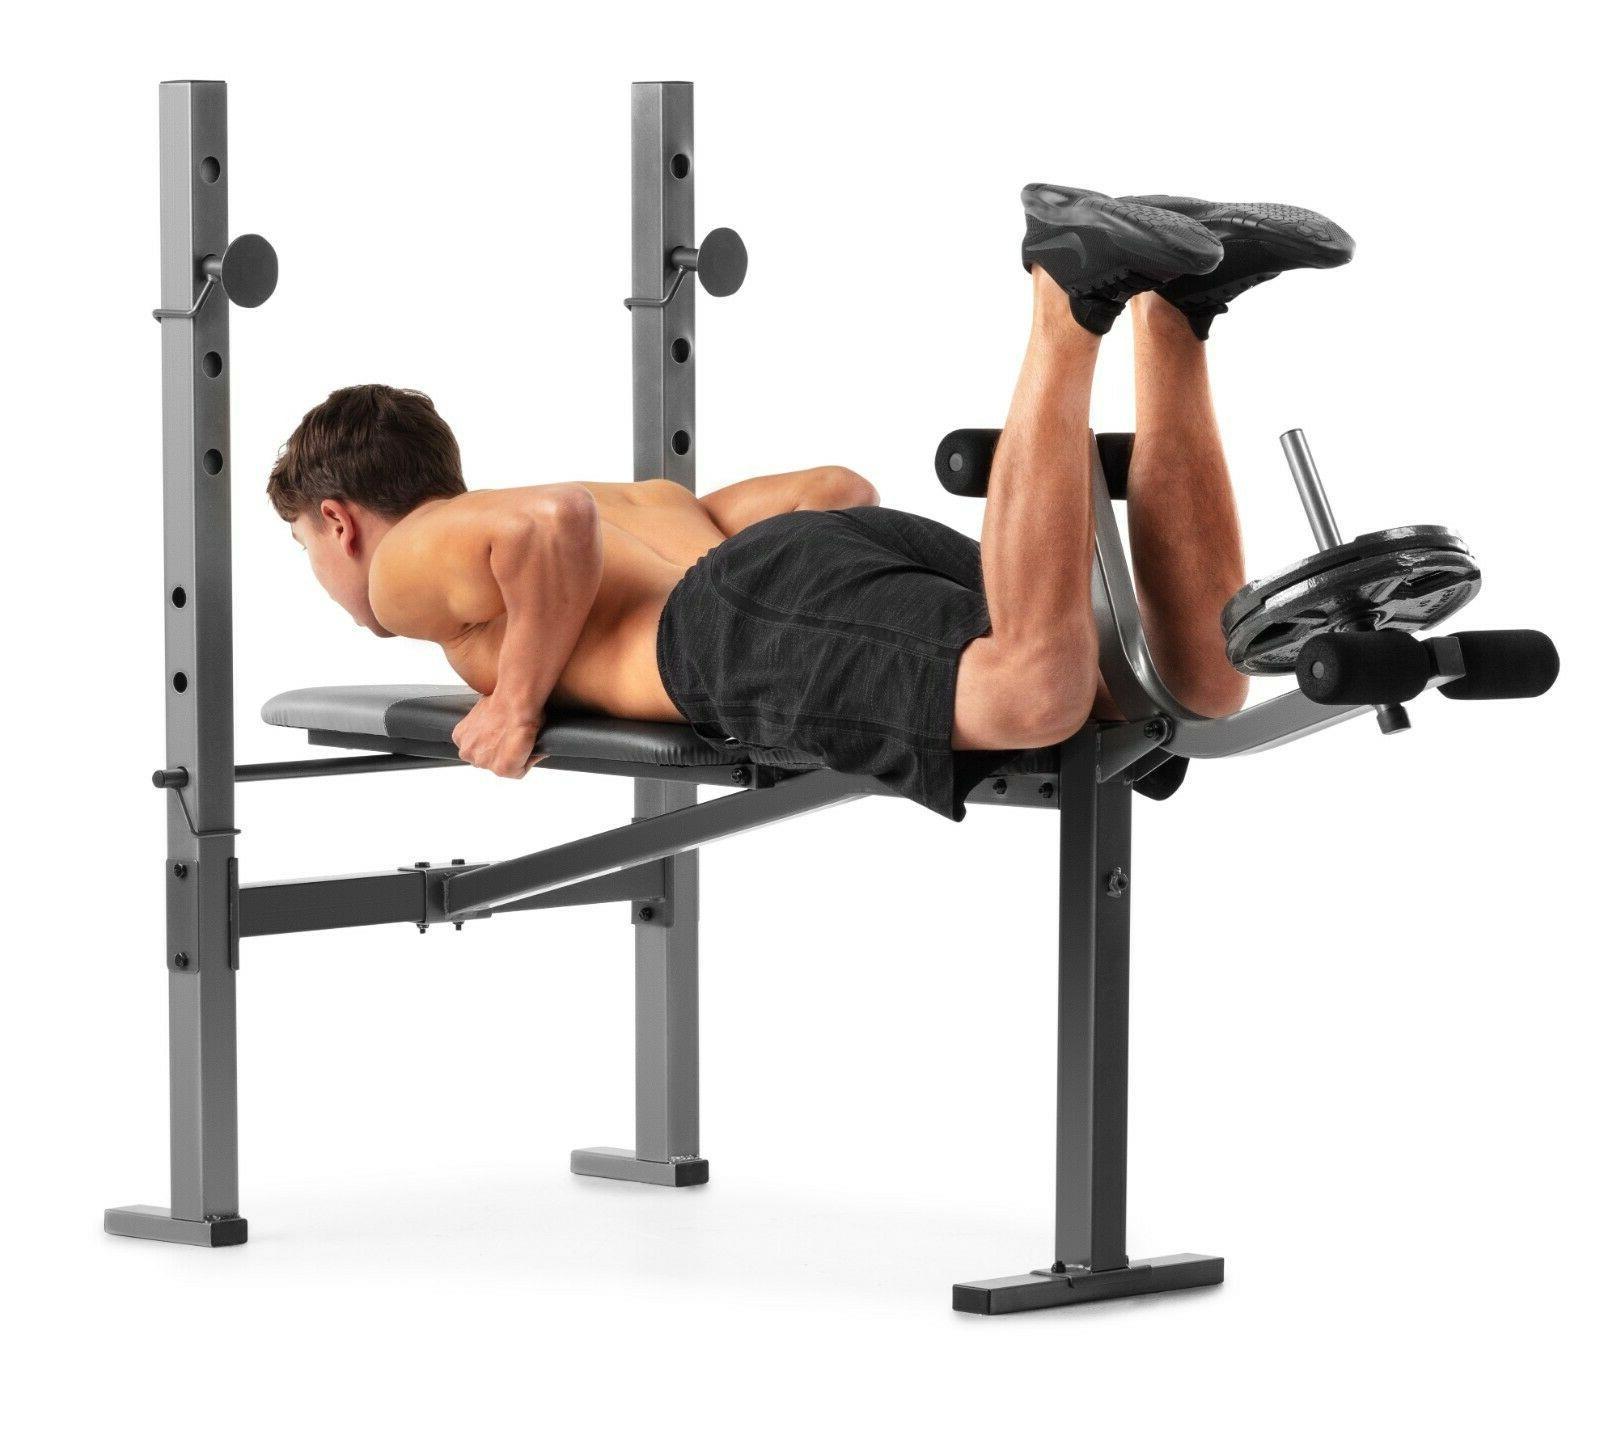 Weider 6.1 Workout Leg